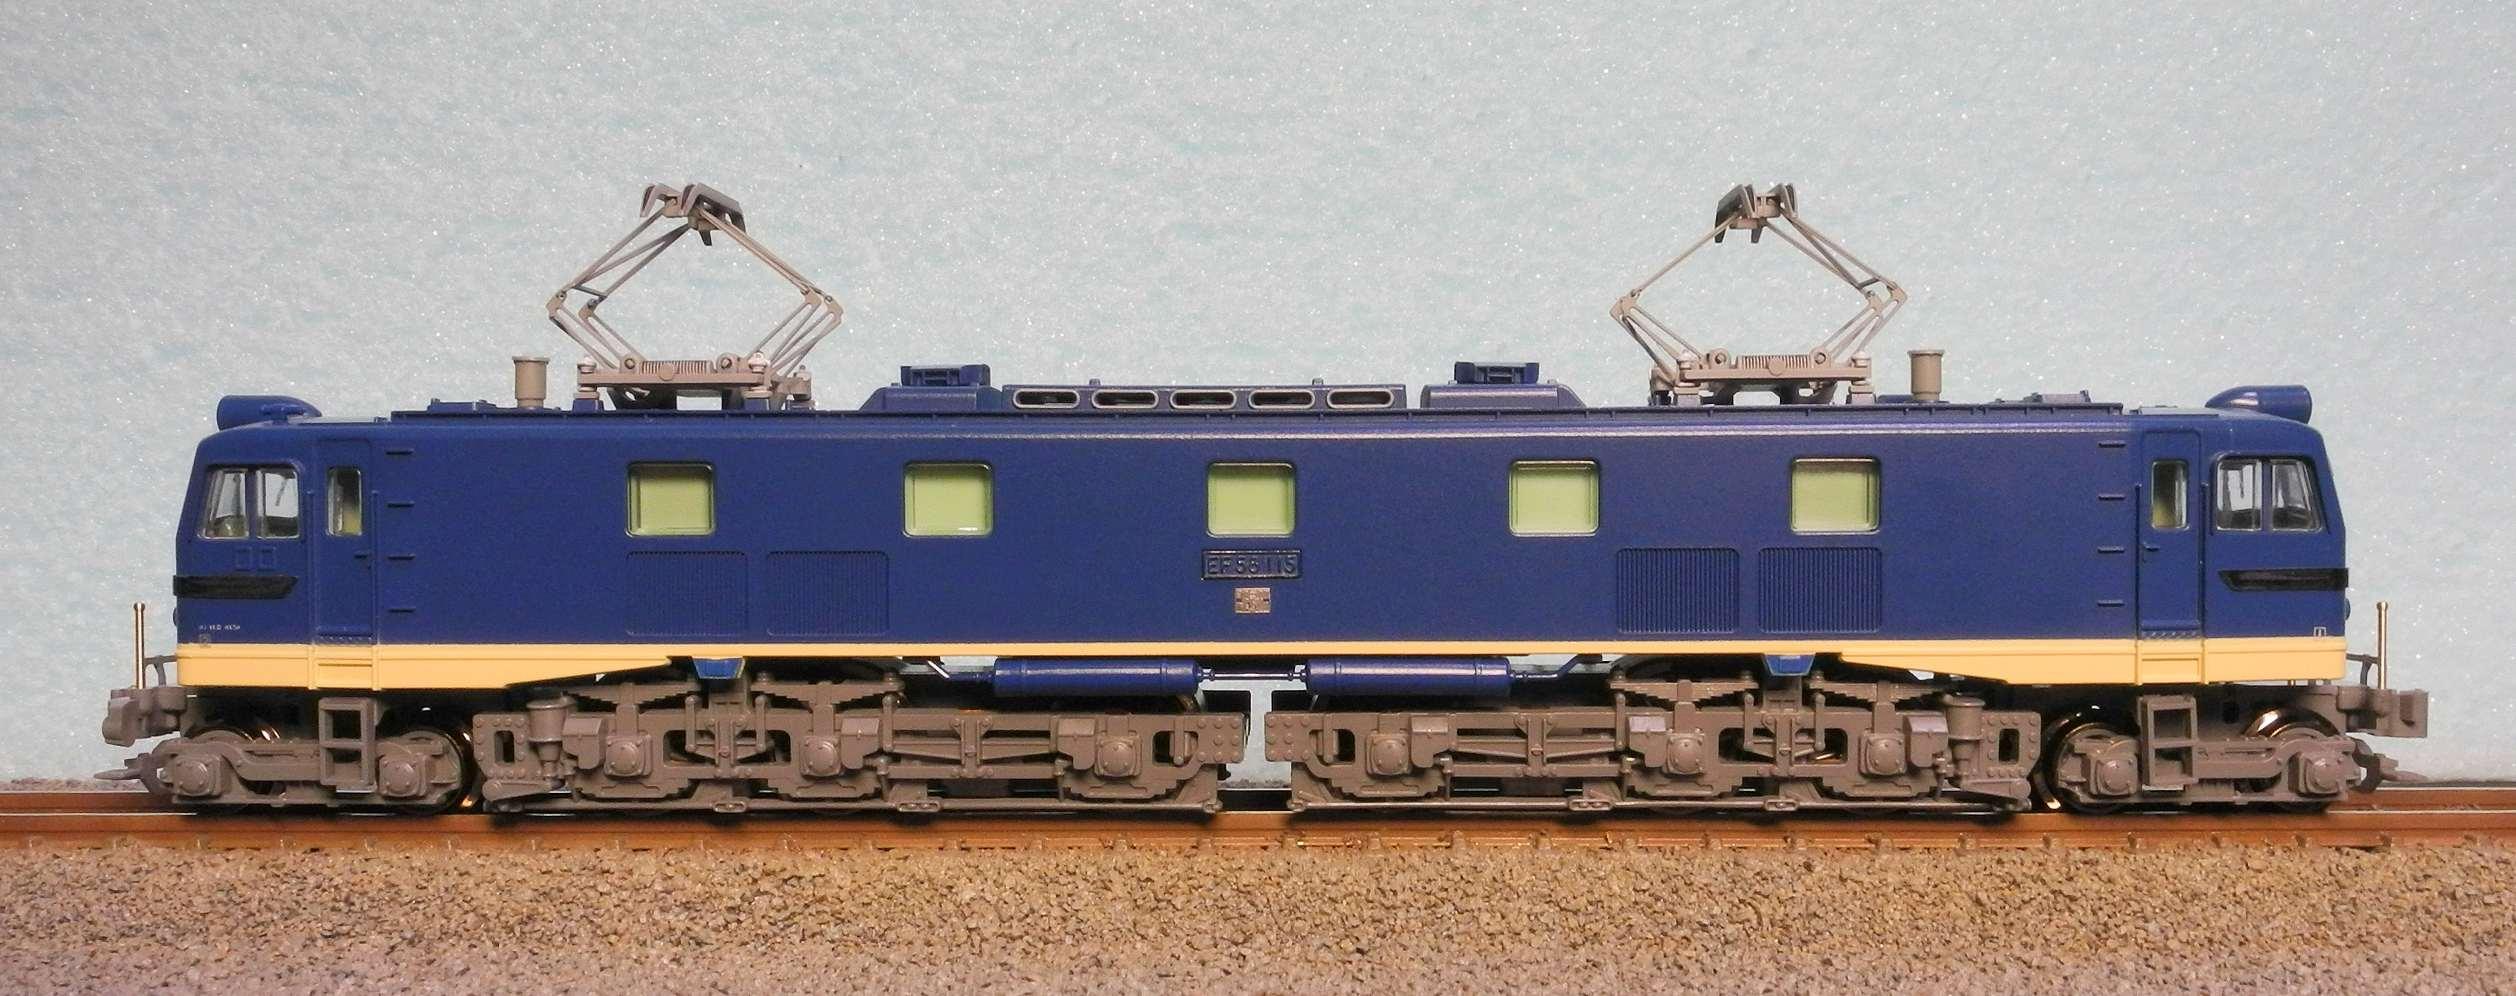 DSCN7807-1.jpg